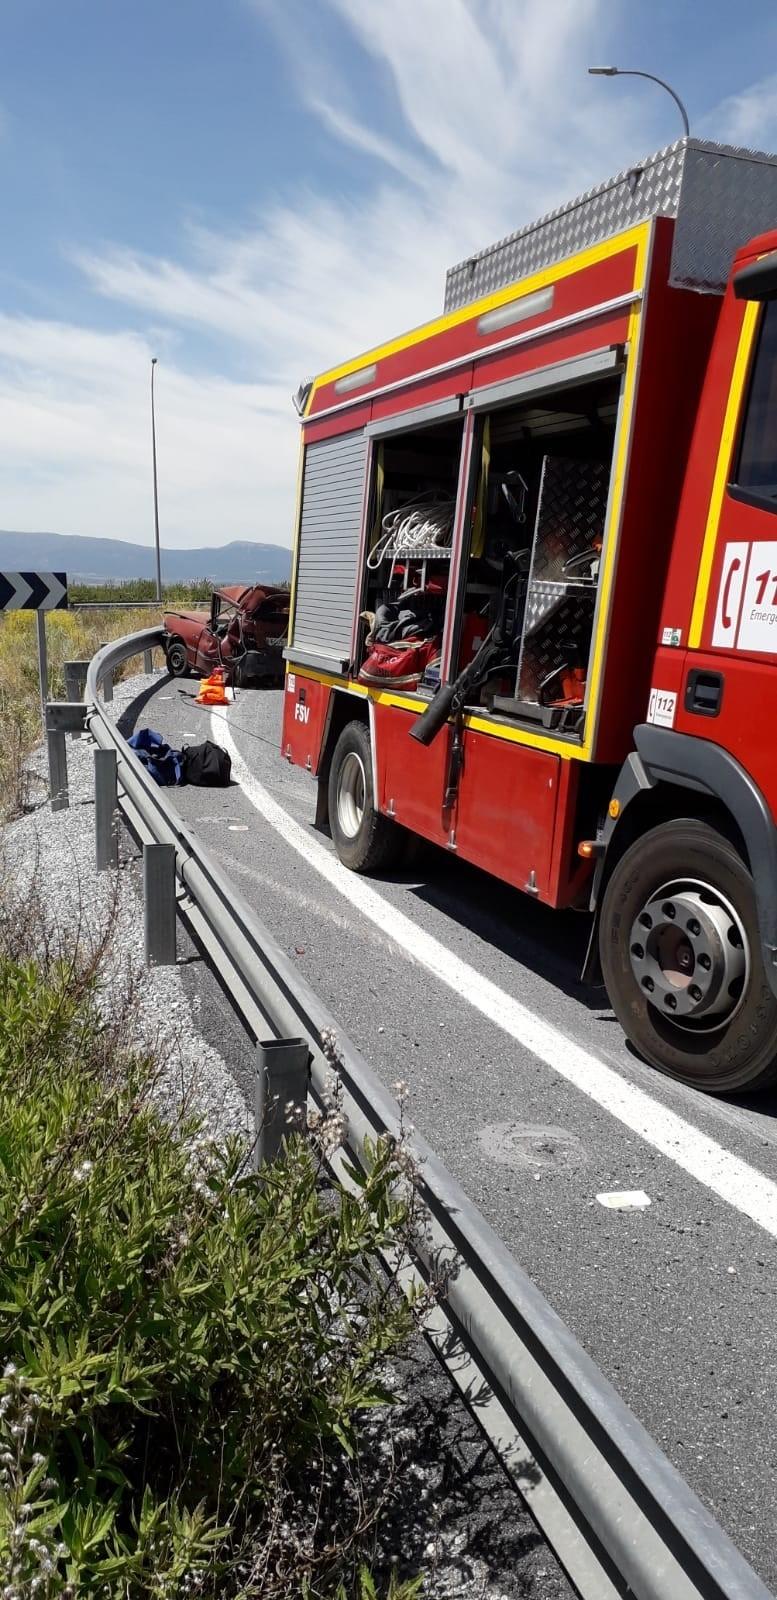 Cuatro heridos en un accidente de tráfico en Iznalloz